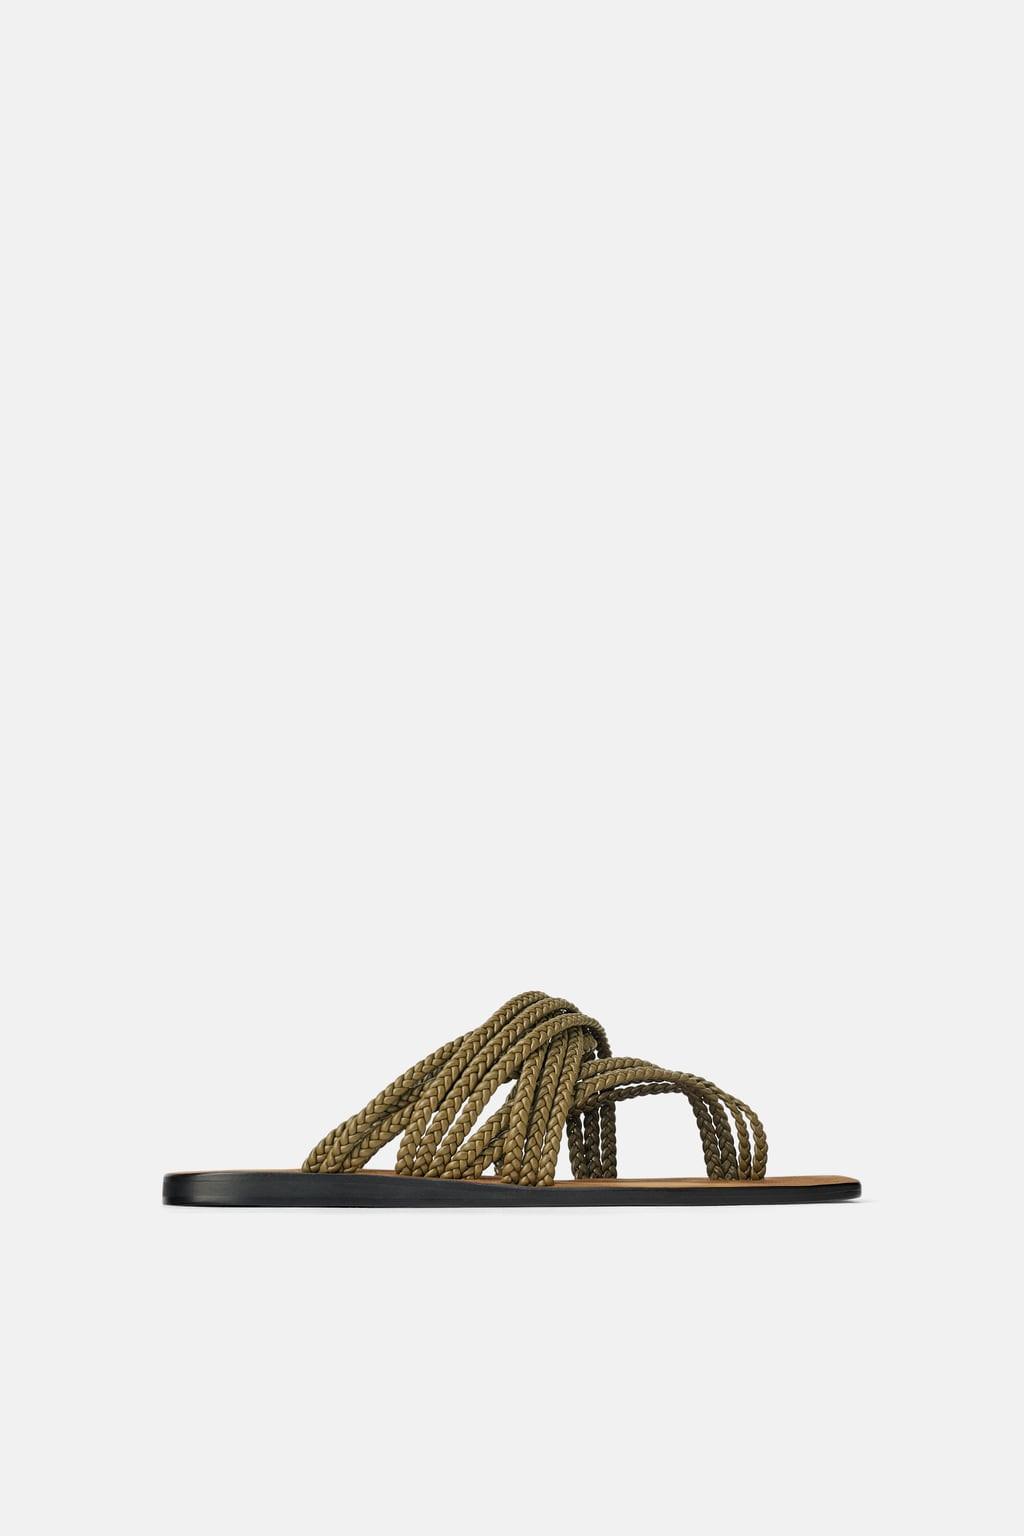 Sandália rasa trançada com tiras (29,99 euros, antes 39,95 euros).jpg